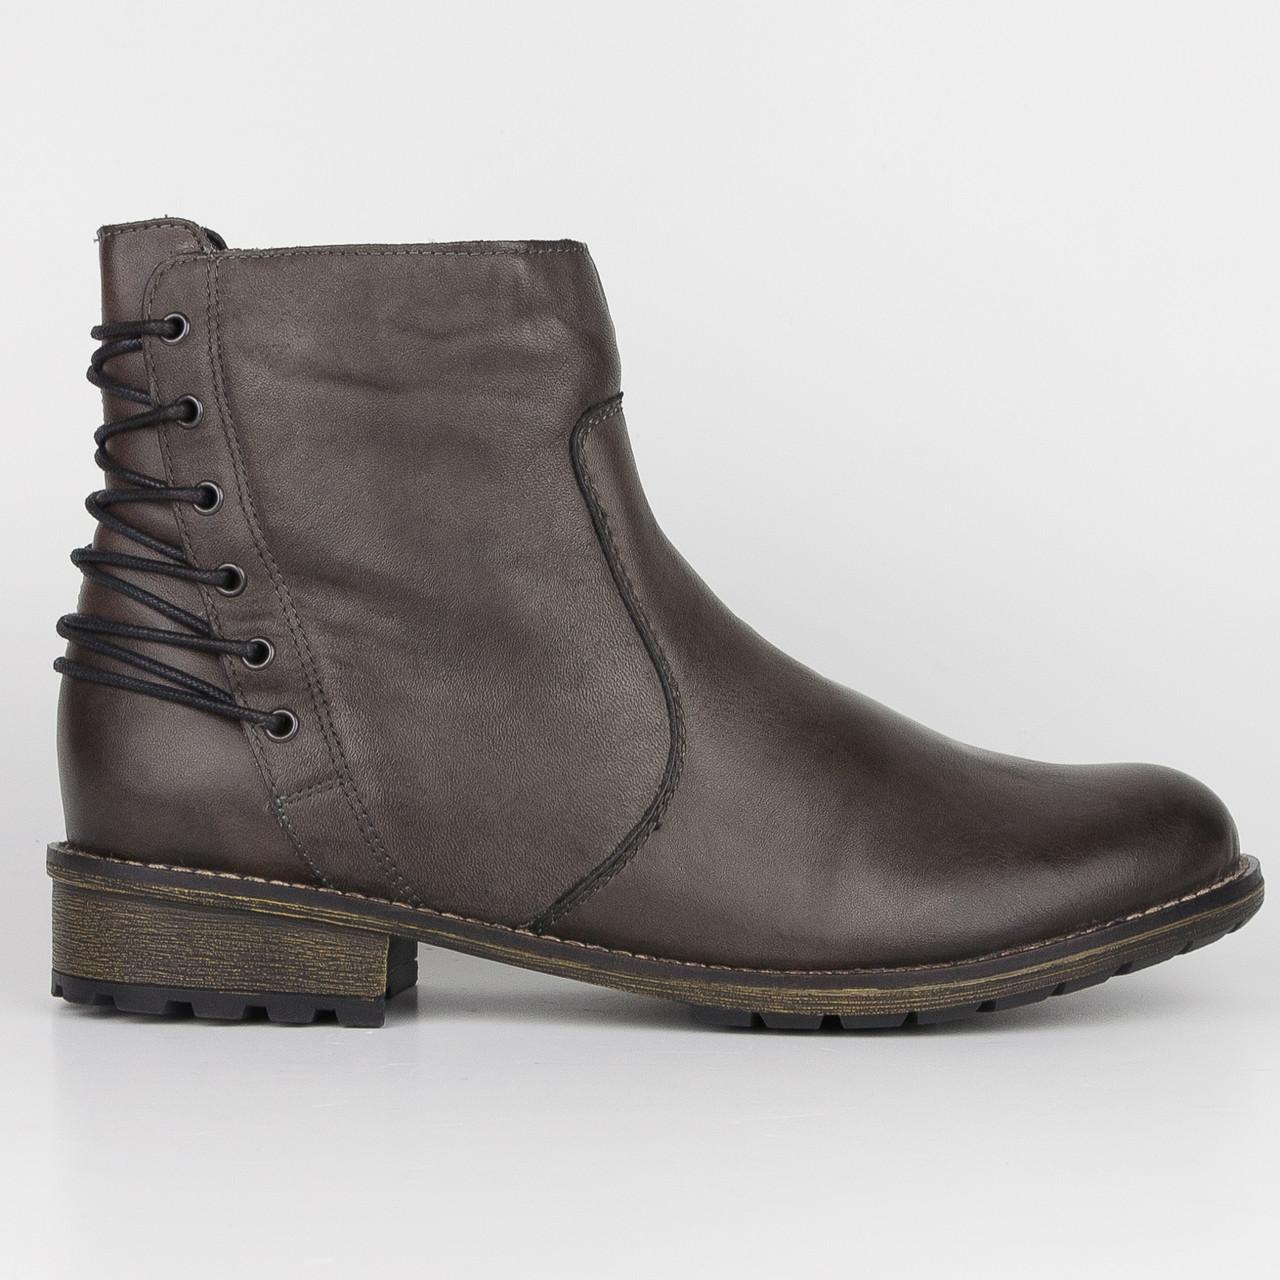 5ec79e5ce Женские ботинки REMONTE DORNDORF R3351-45, цена 1 925 грн., купить в ...